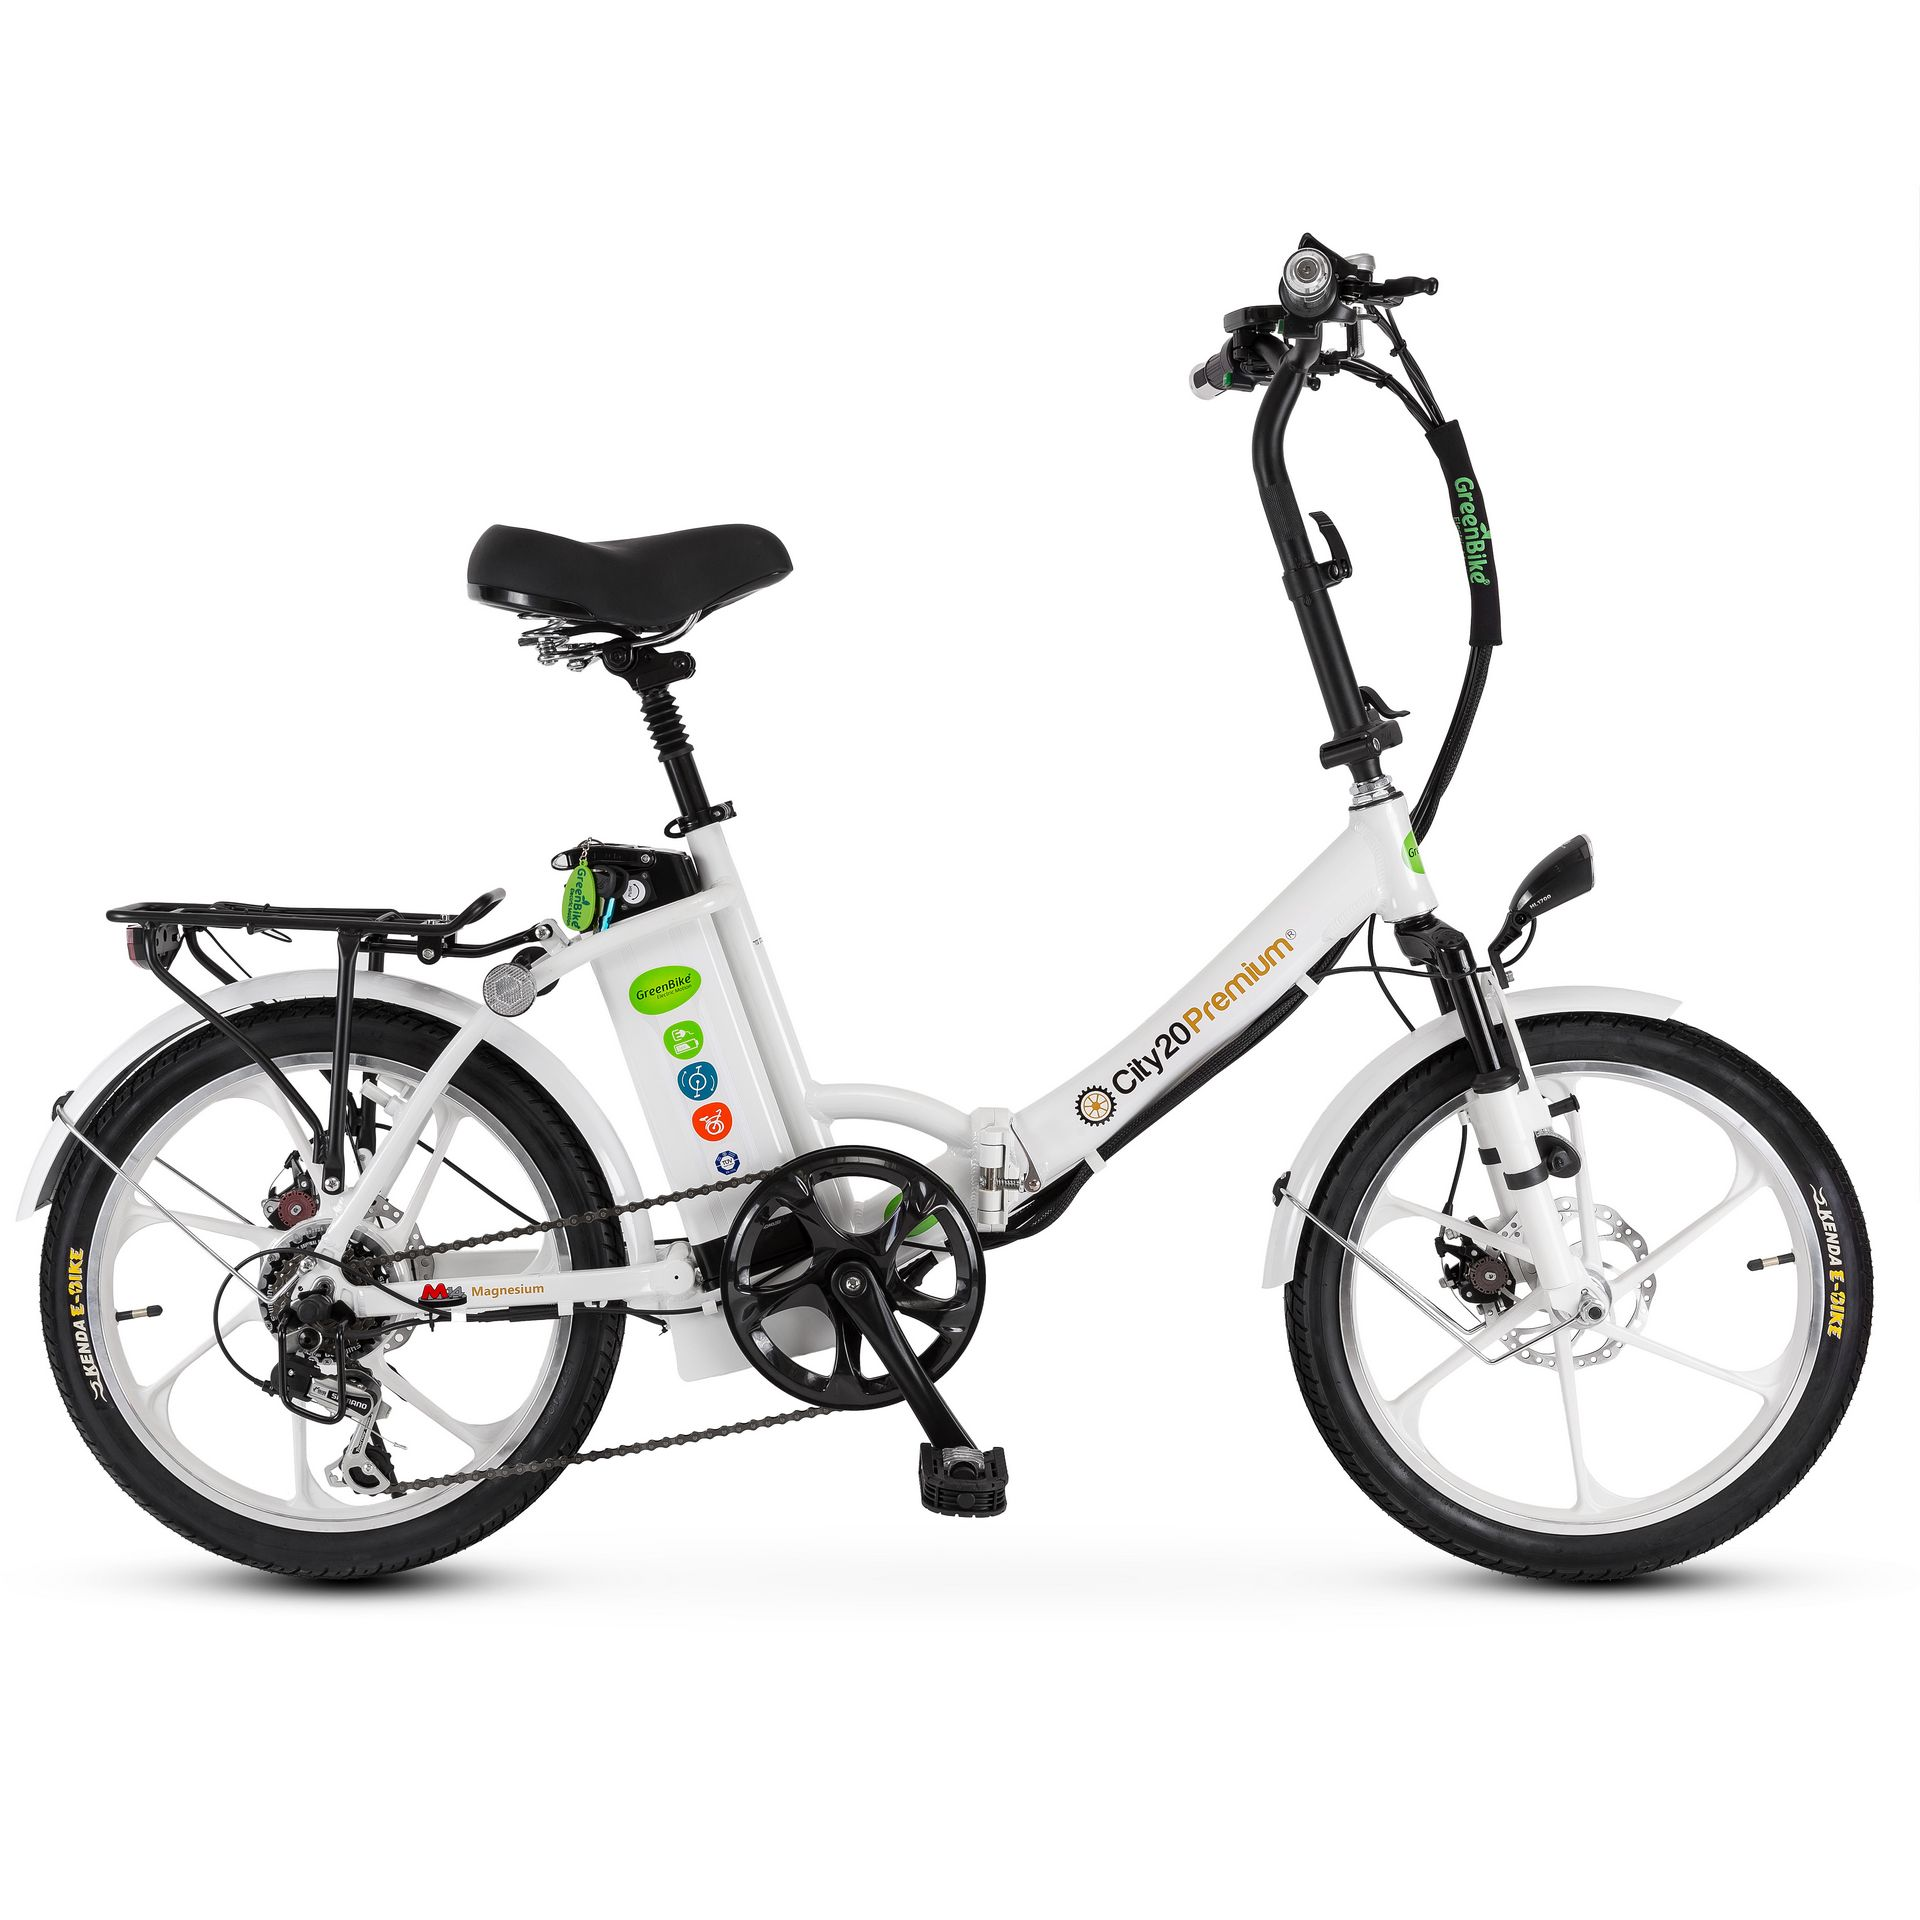 אופניים חשמליים סיטי פרימיום של חברת גרין בייק